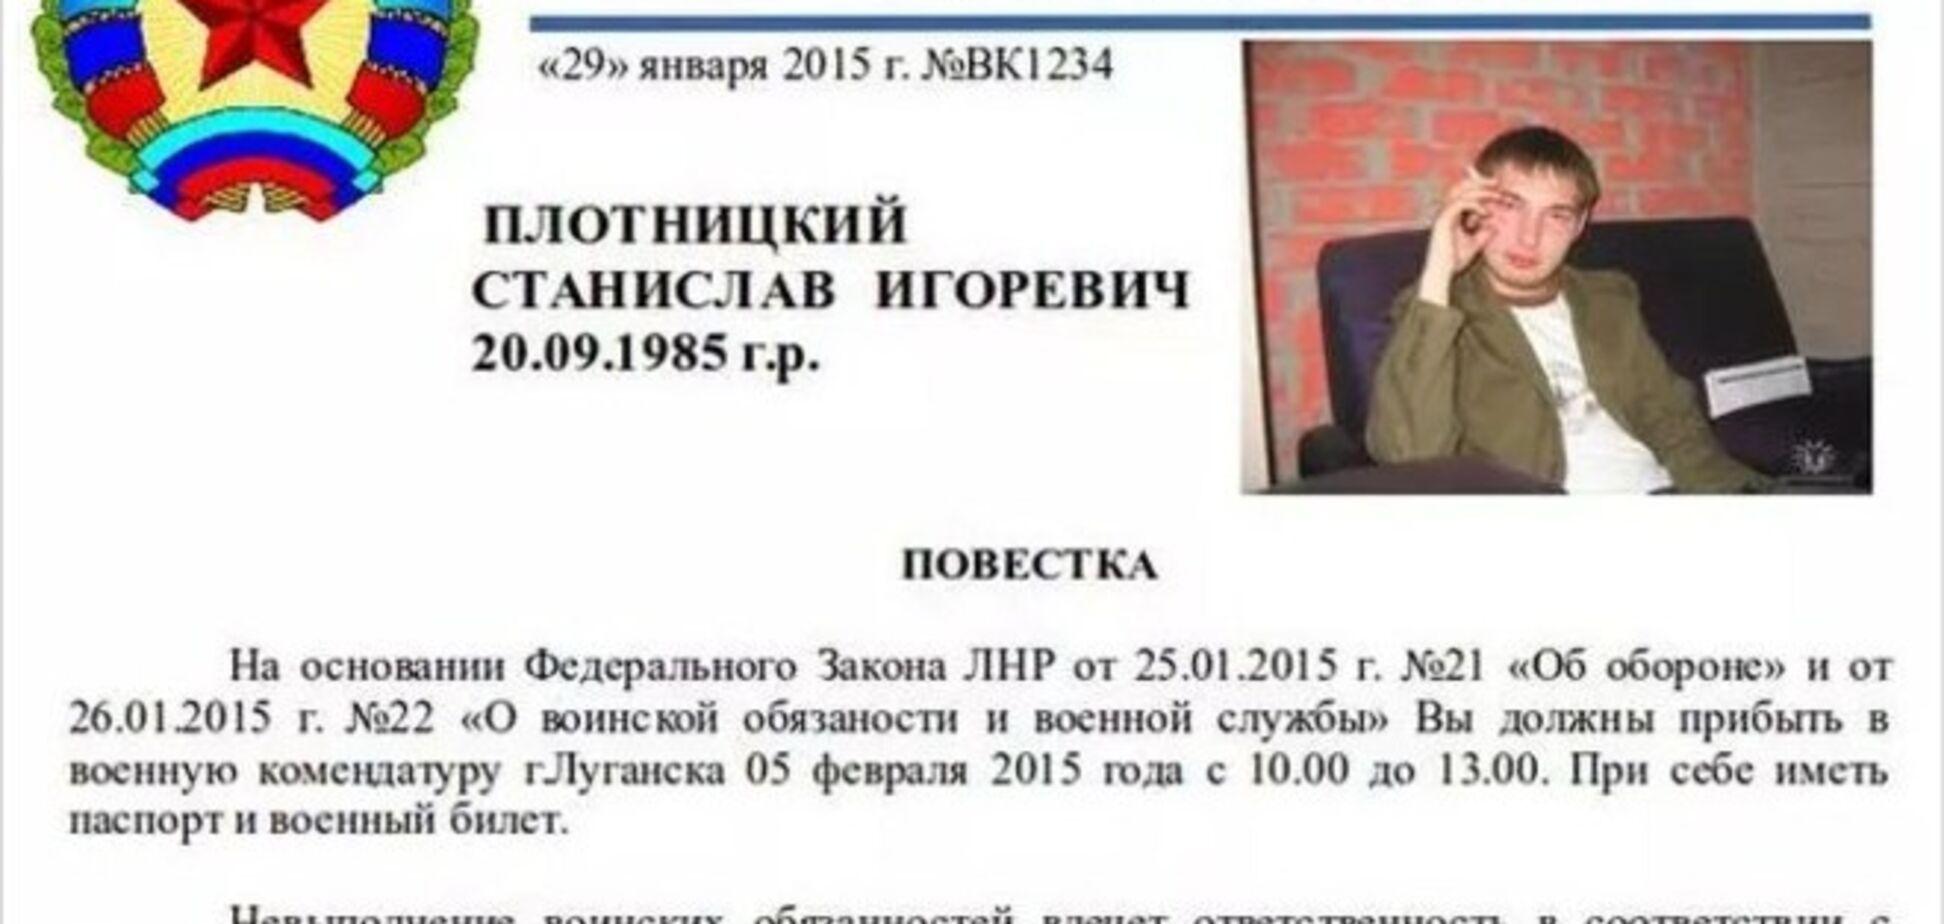 Луганчане требуют отправить на войну сыновей главарей 'ЛНР': фото уже готовых повесток